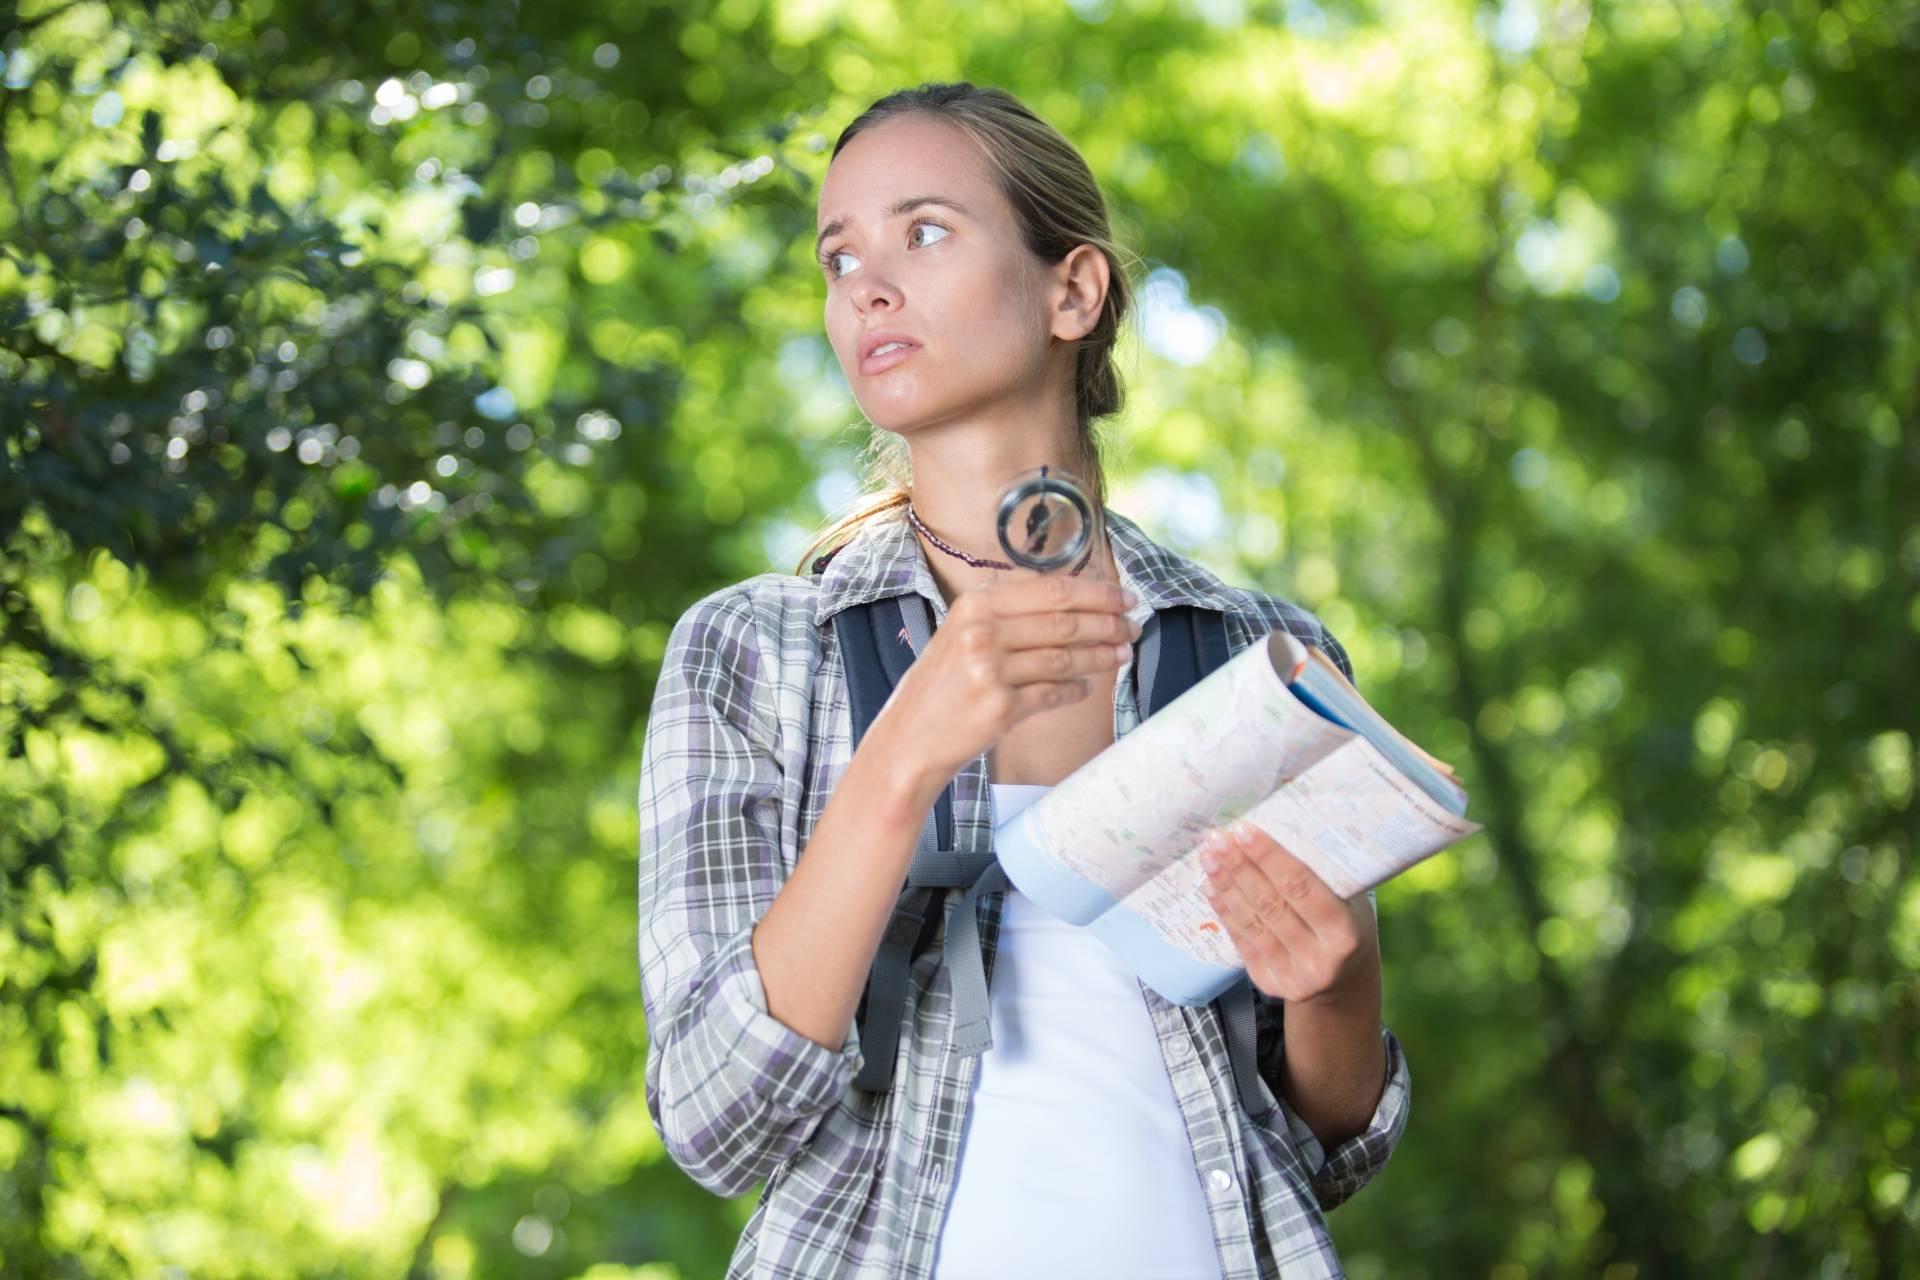 Zagubiona kobieta z mapą w ręku rozgląda się po lesie. Adam Wajrak tłumaczy jak nie zgubić się w lesie.